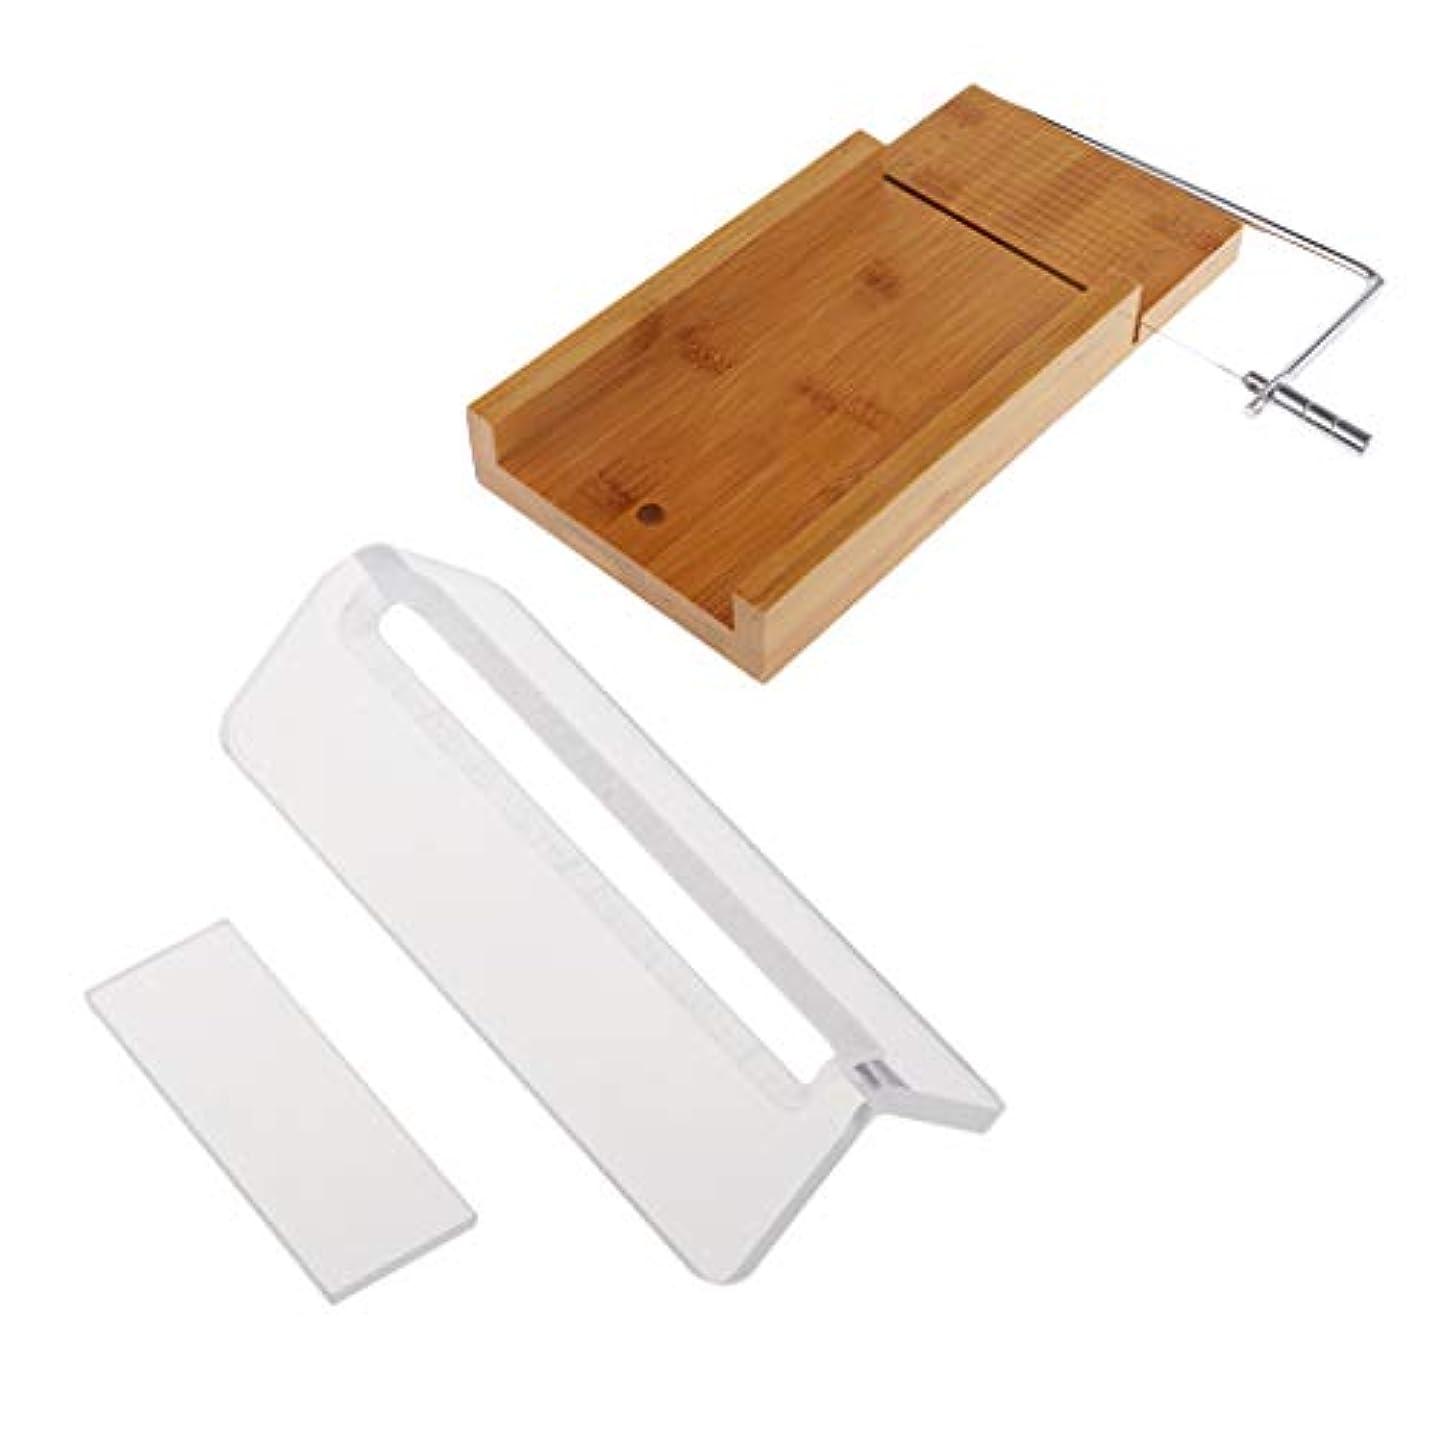 所持新年速記ローフカッター 木製 ソープ包丁 石鹸カッター 手作り石鹸 DIY キッチン用品 2個入り